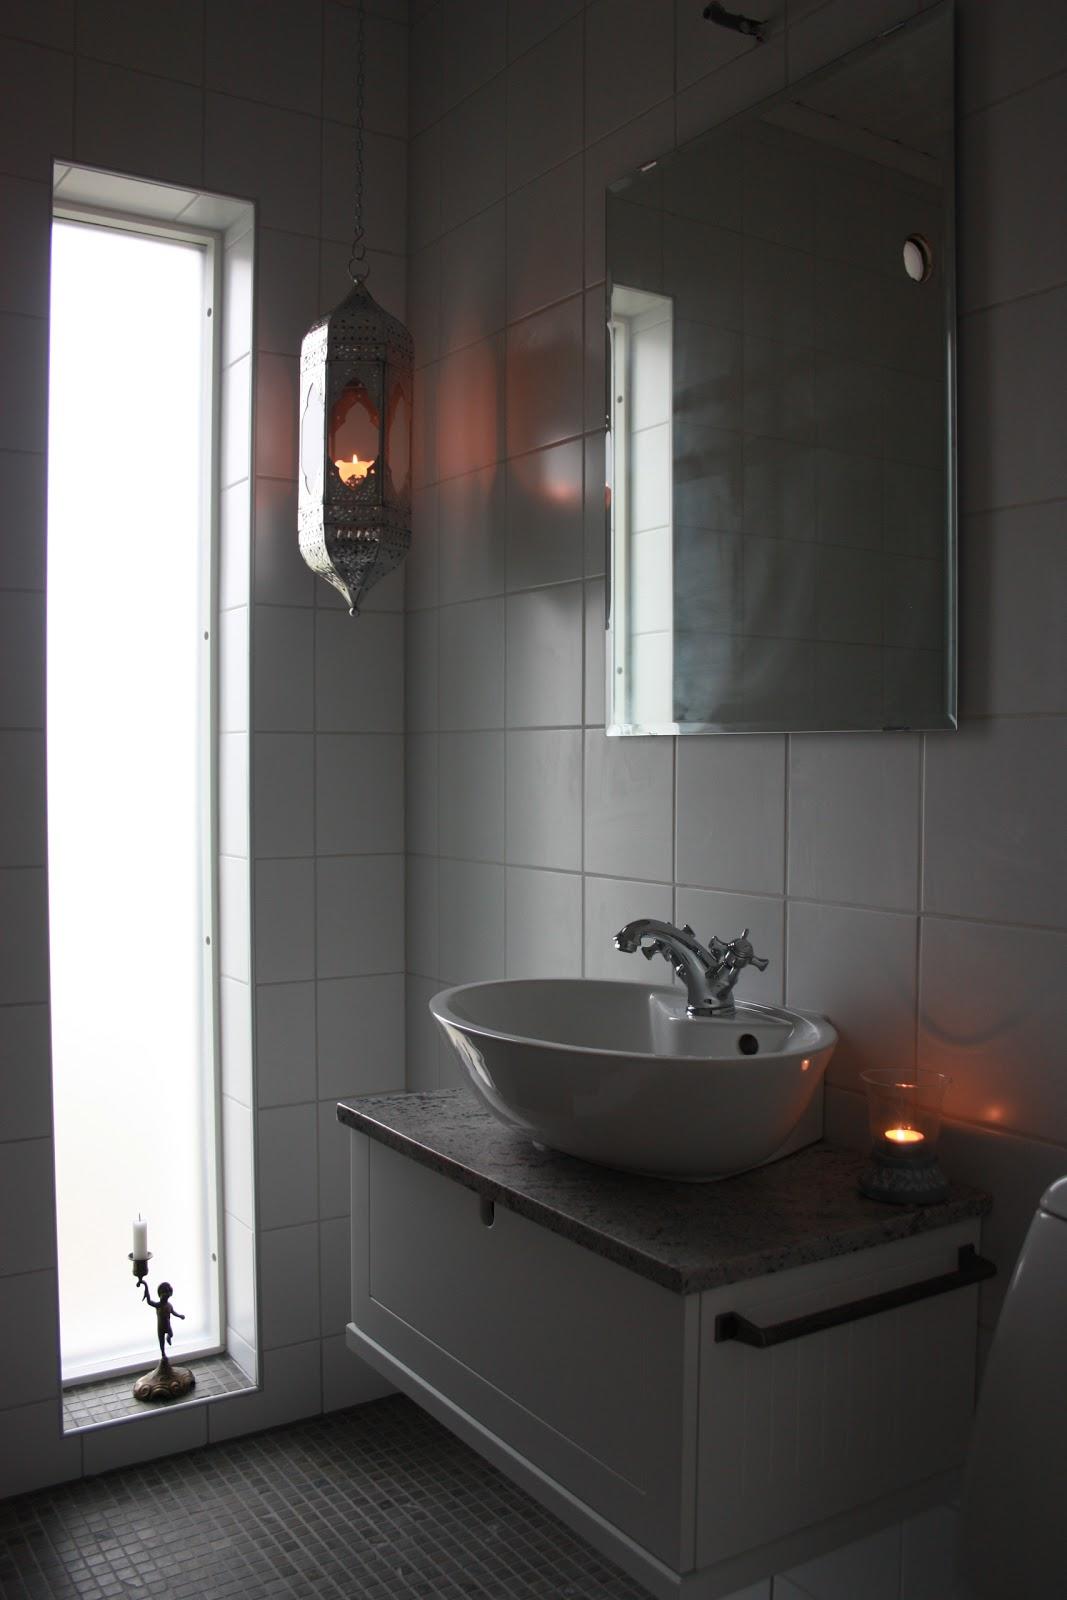 Papperskorg till badrummet ~ xellen.com